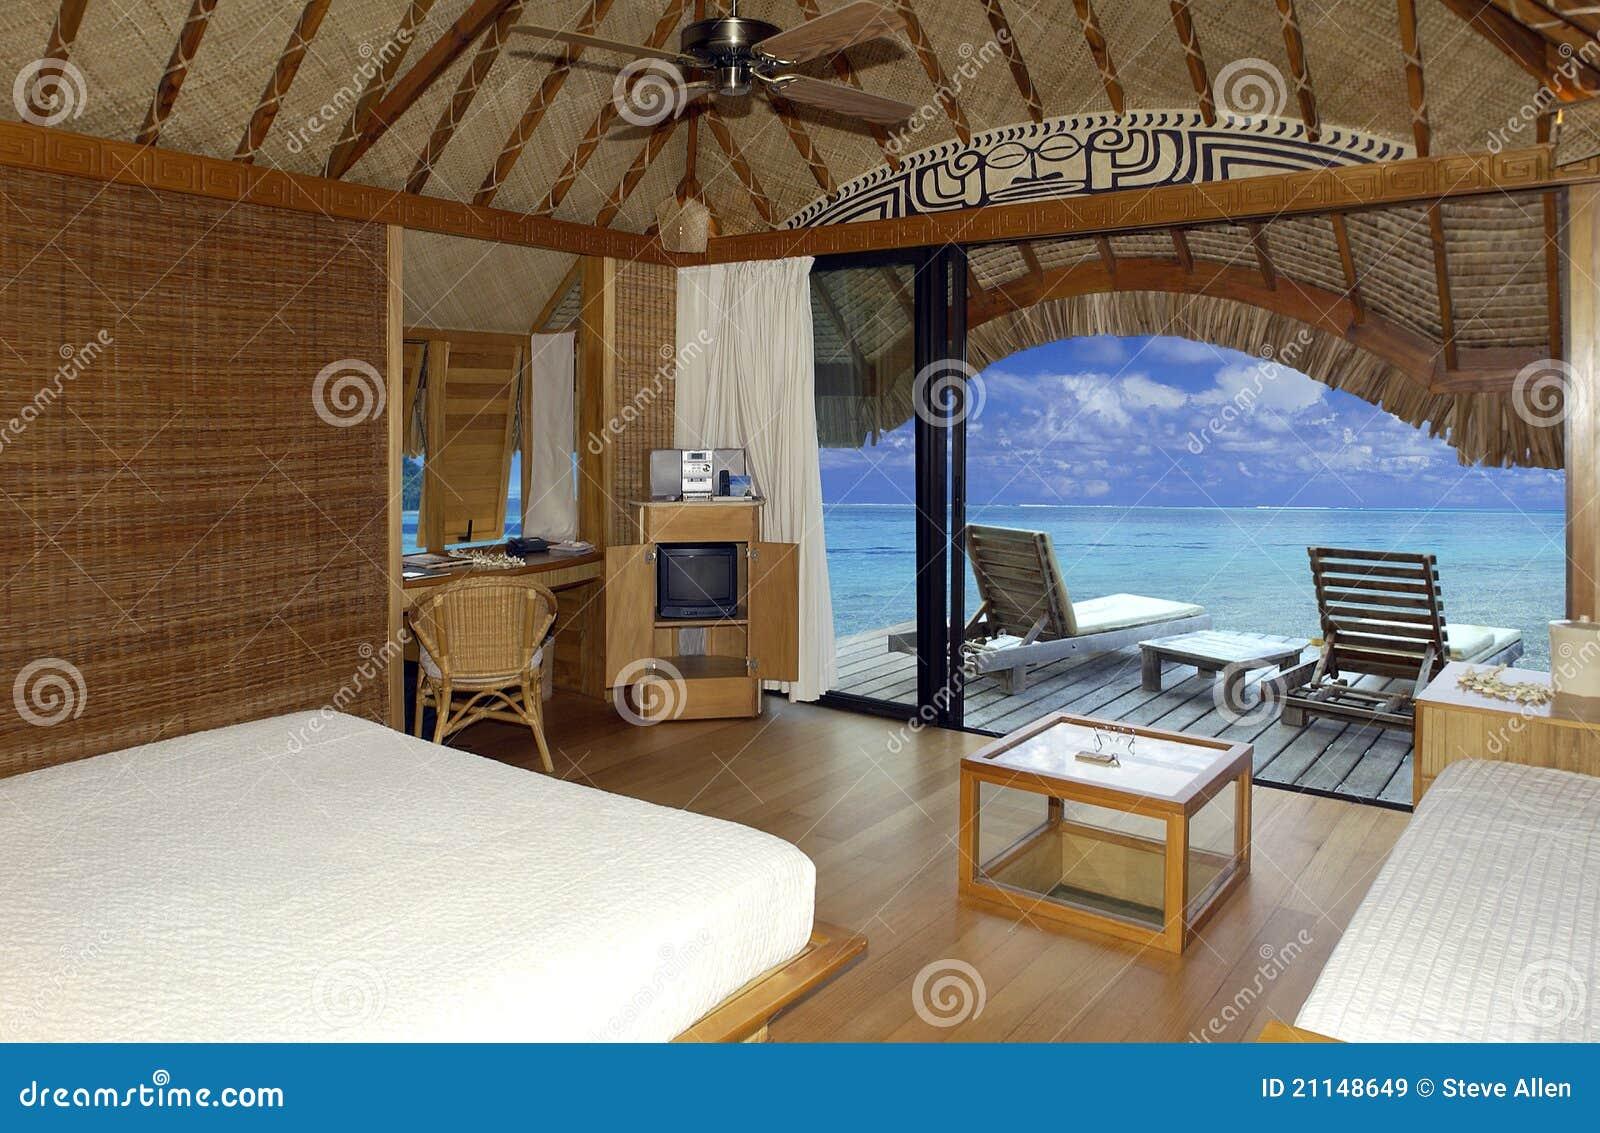 Ricorso di vacanza tropicale di lusso - Bora Bora